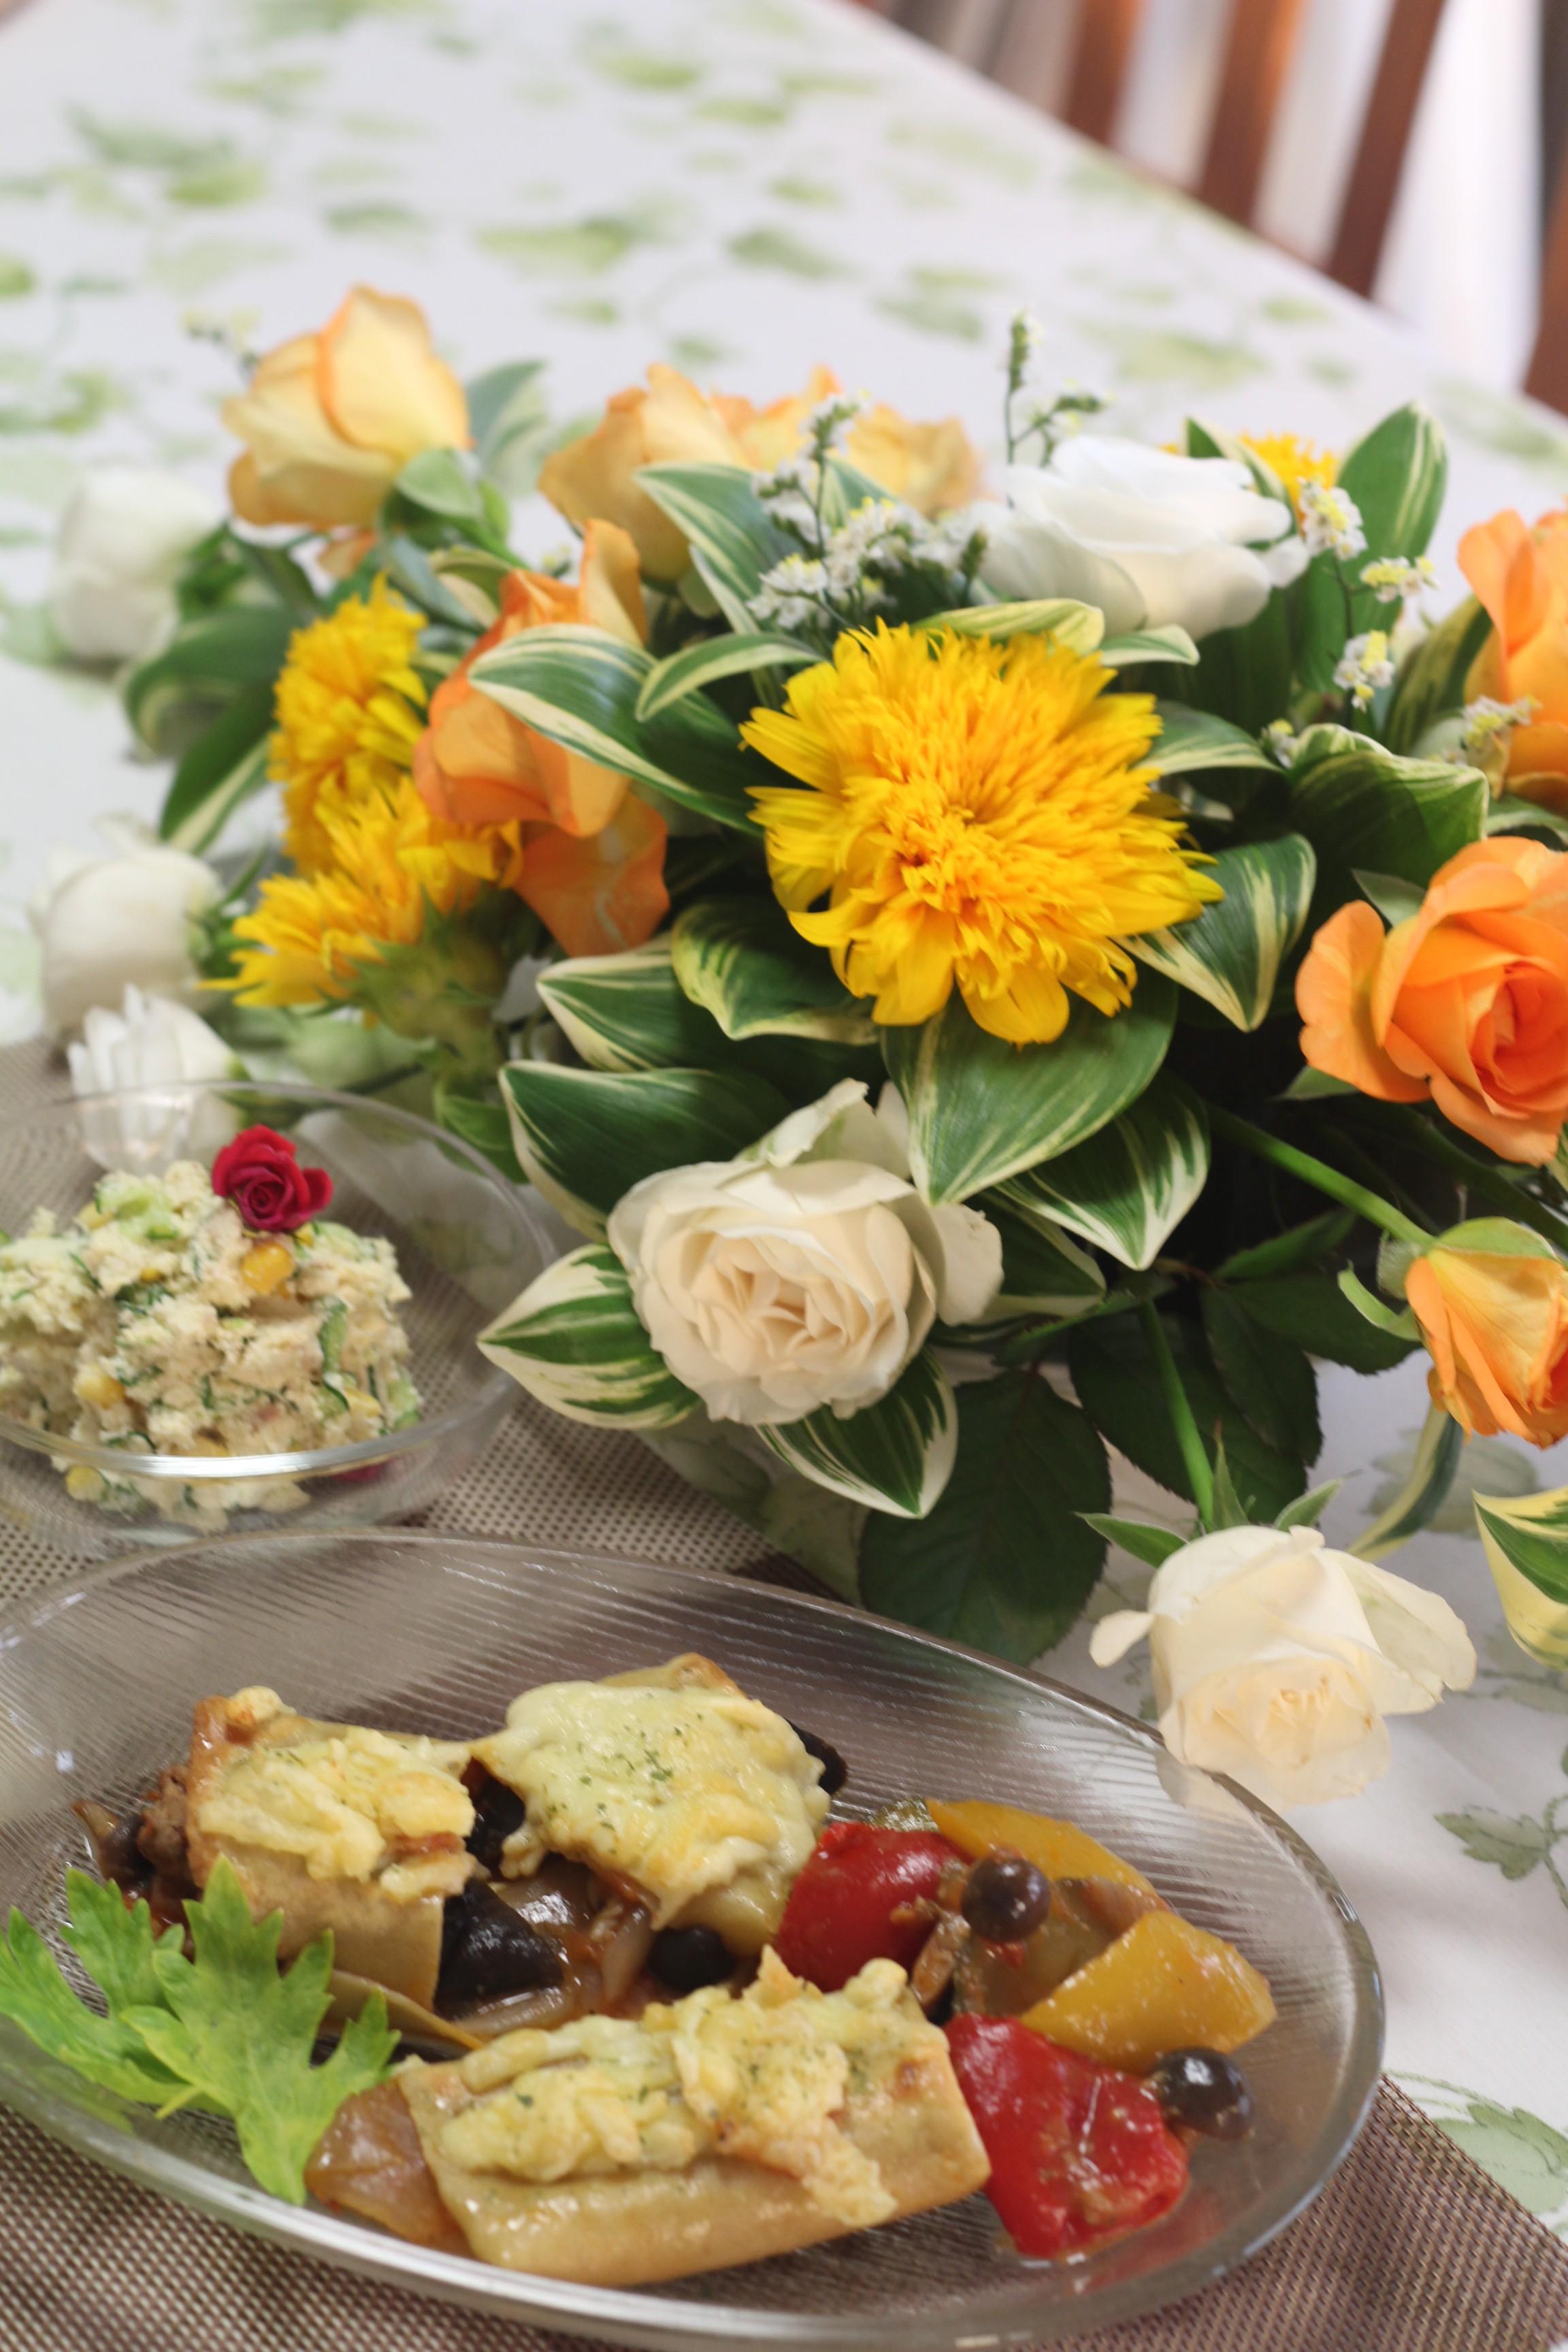 京都江部粉麺ミックスで、カネロニとビタミンカラーのお花を楽しむ。a-ta-sante糖質制限パン料理教室。阿倍野区西田辺。